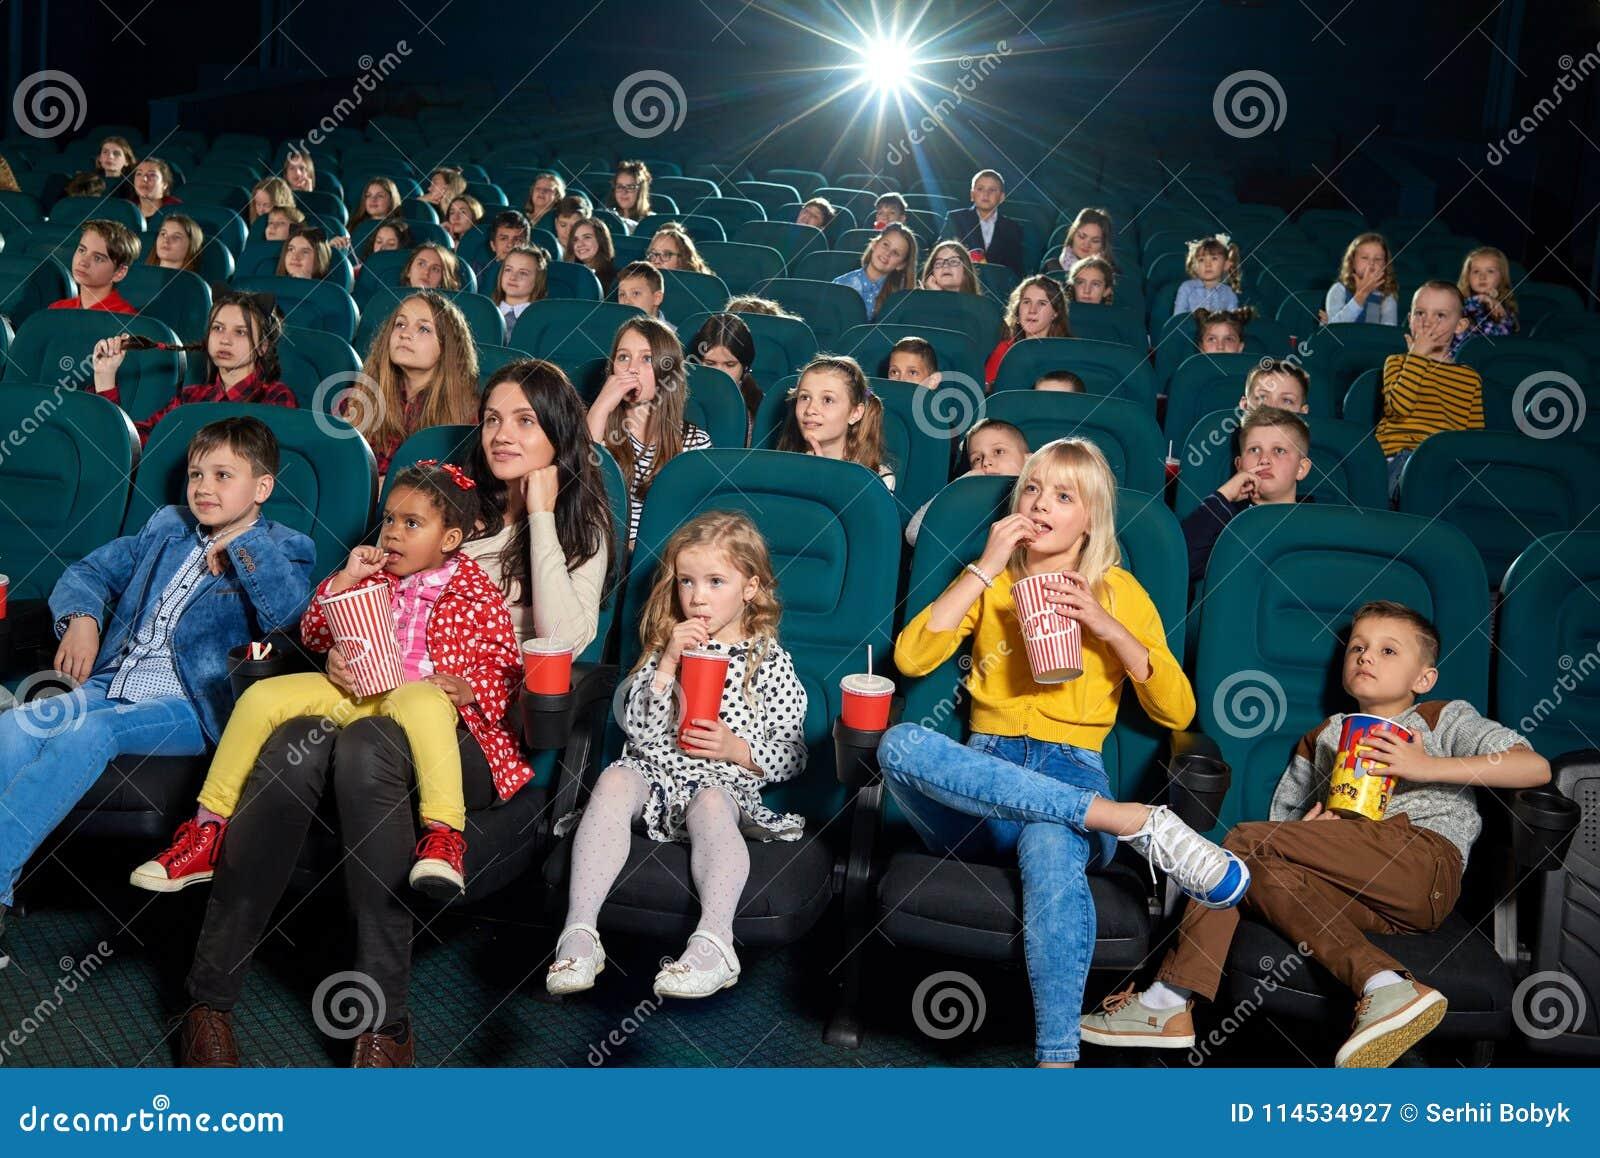 Erwachsenen Filme Online Kostenlos